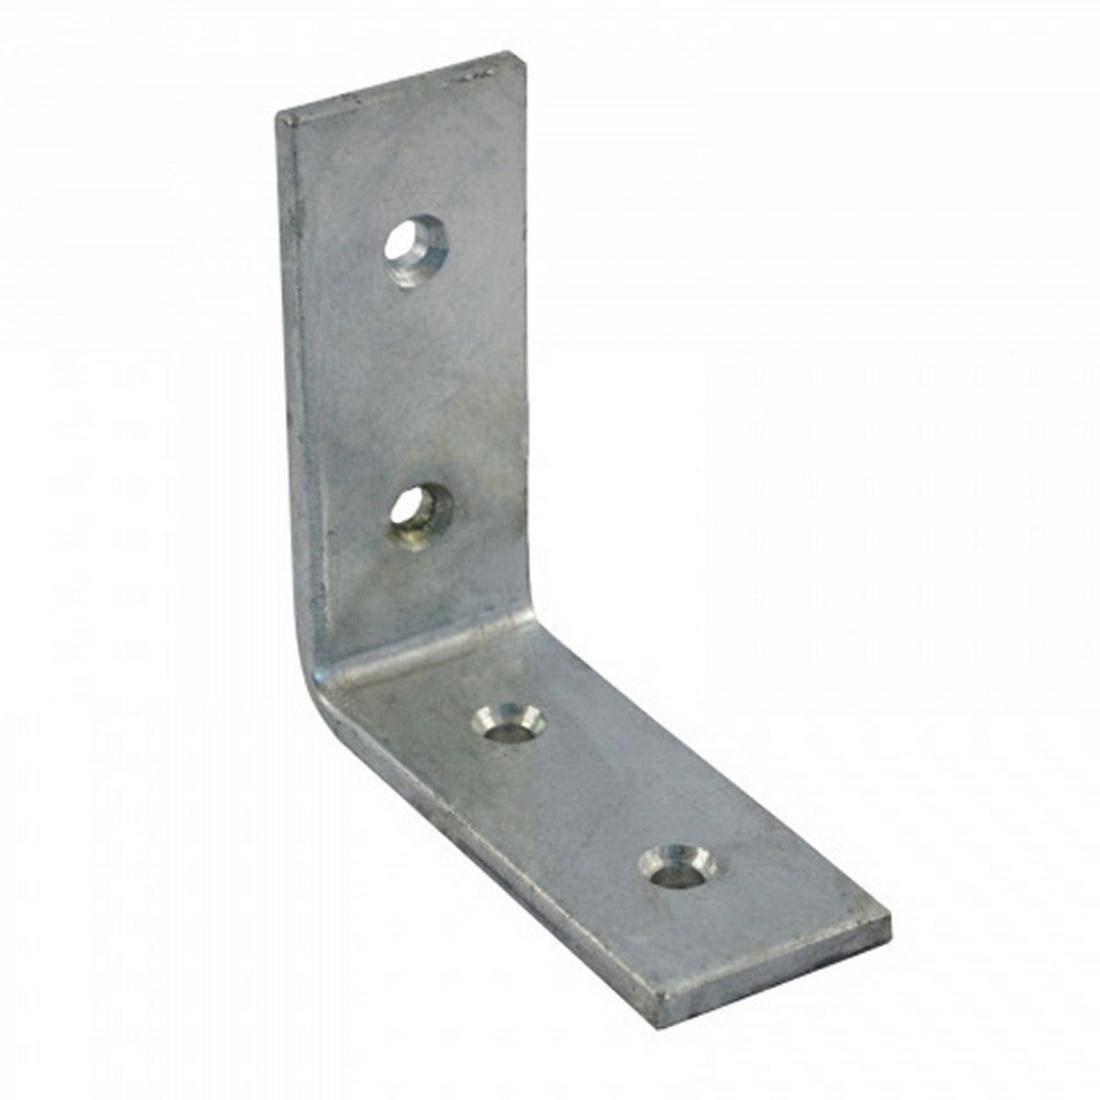 Heavy Duty Angle Bracket 125 x 100 x 20mm Zinc Plated BANHZ125S020R